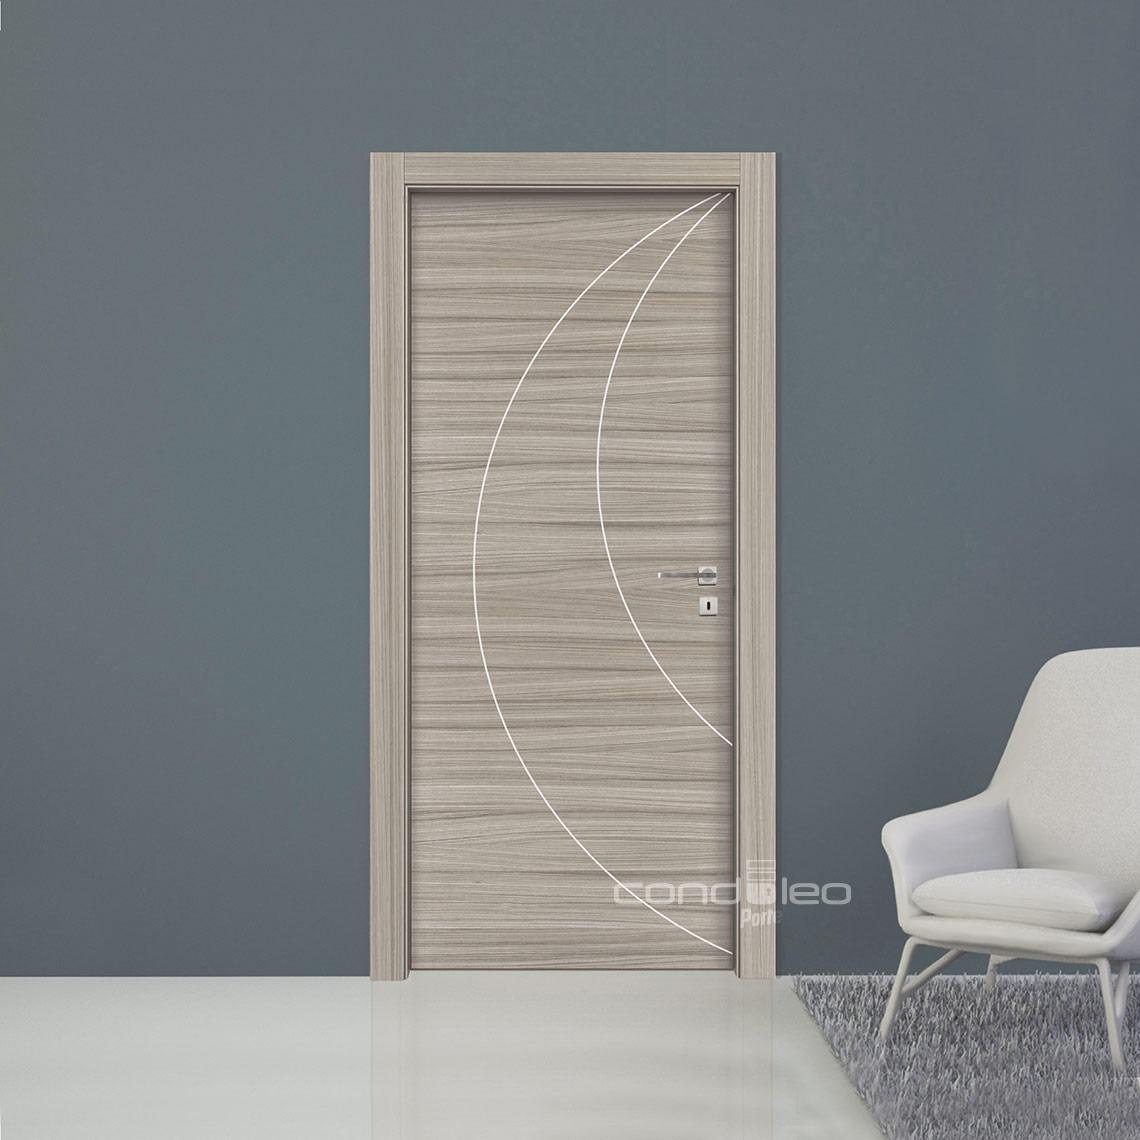 Porte Con Inserti In Alluminio : Collezione laminato porte interne condoleo